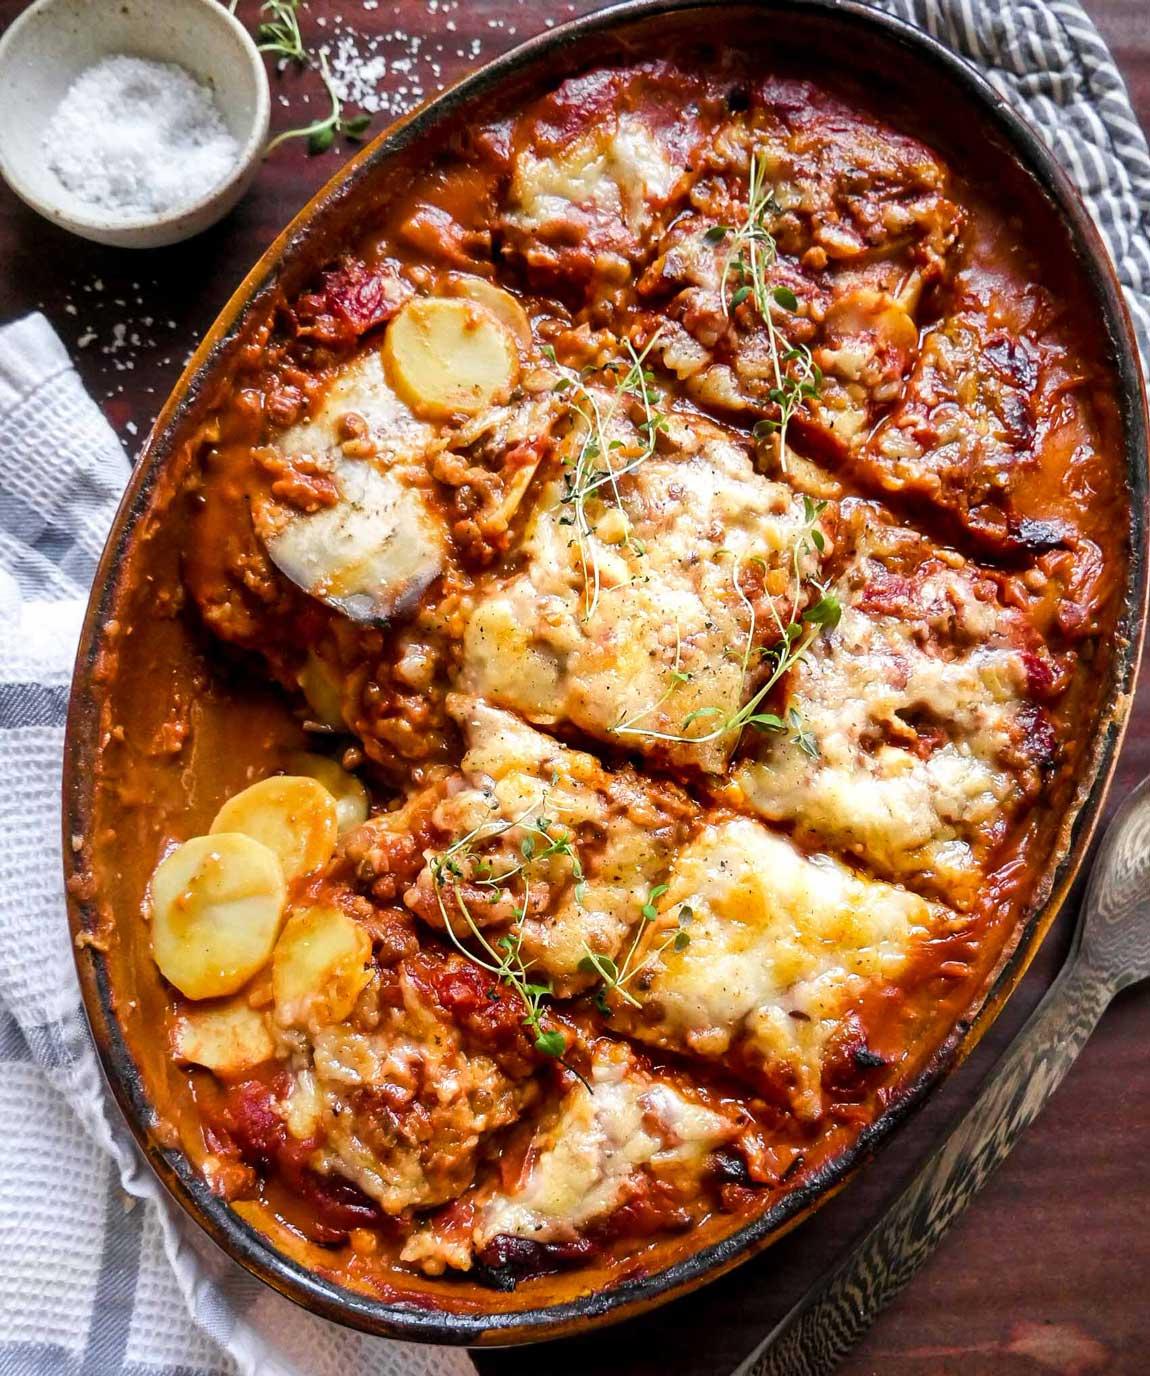 vegansk moussaka opskrift med aubergine